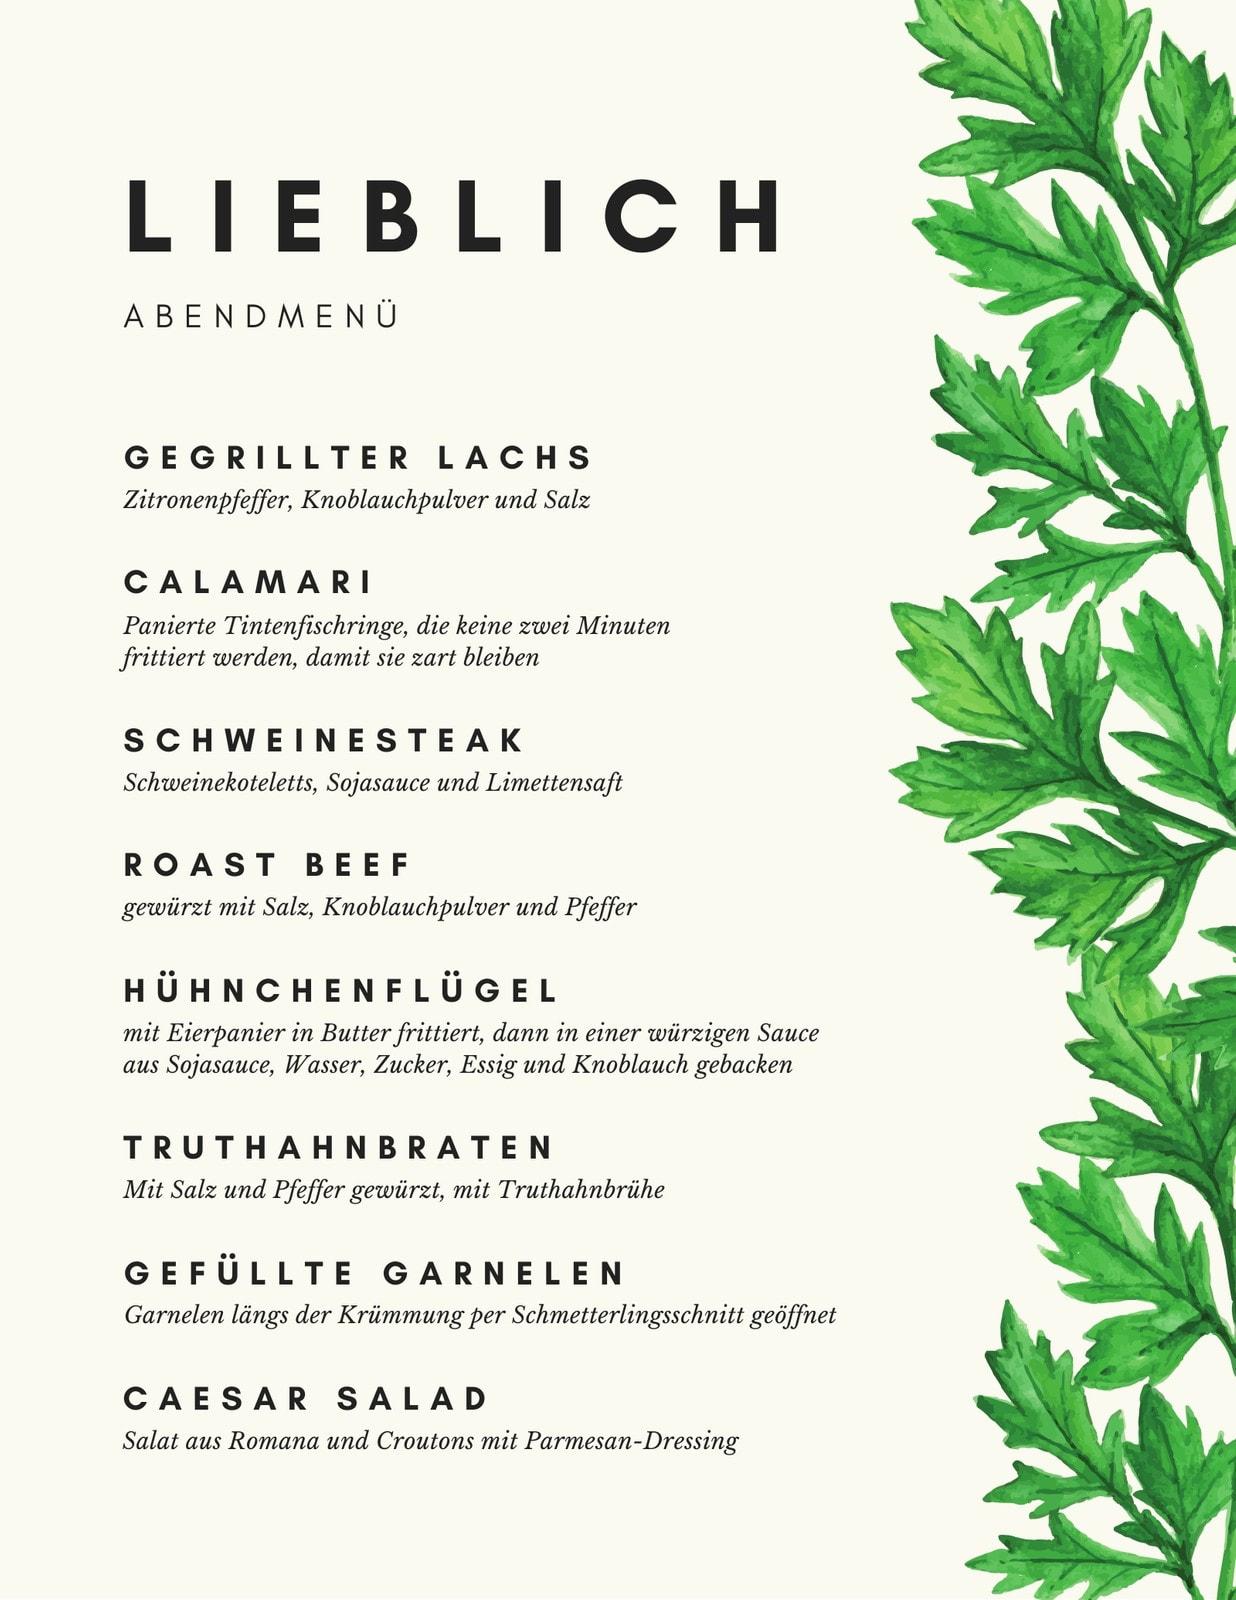 Weiß Grün Blätter Abendkarte